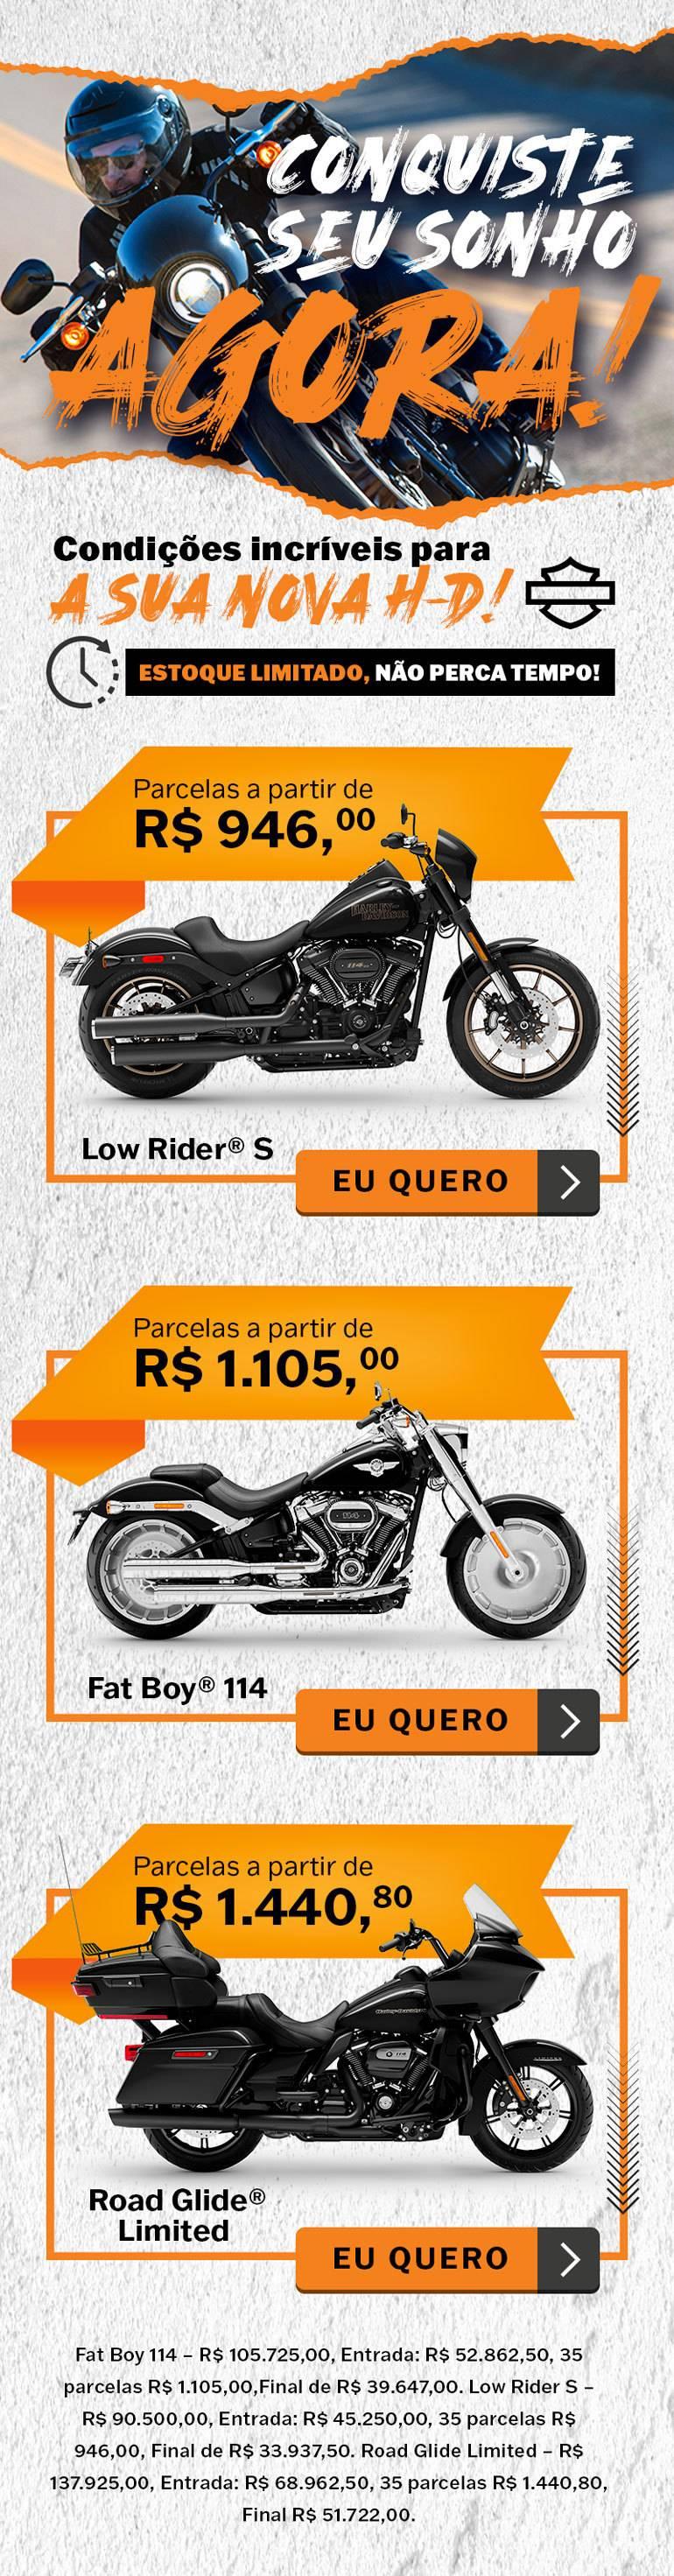 Harley 0km